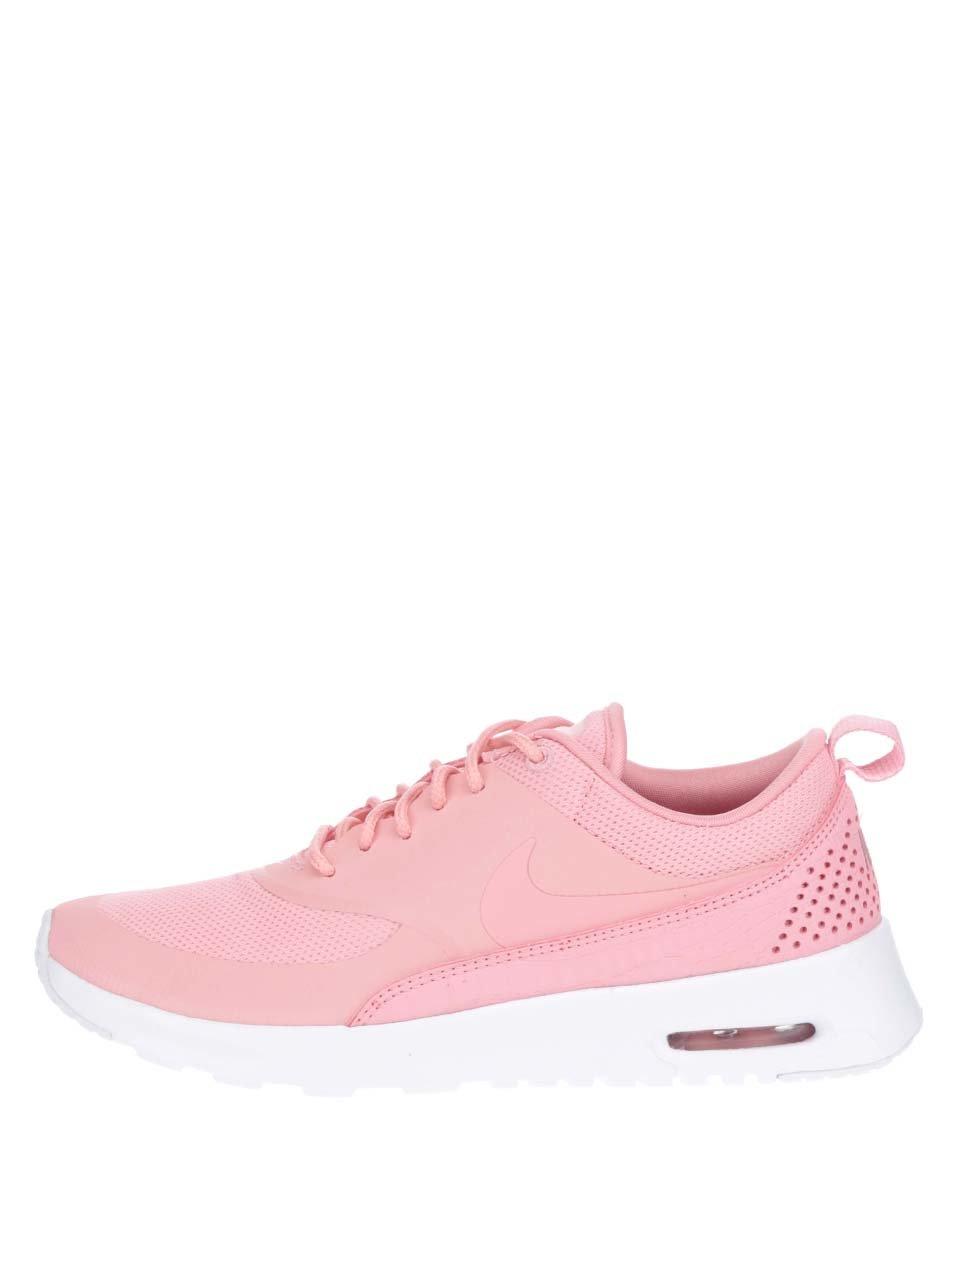 e3ebcce7718 Růžové dámské tenisky Nike Air Max Thea ...